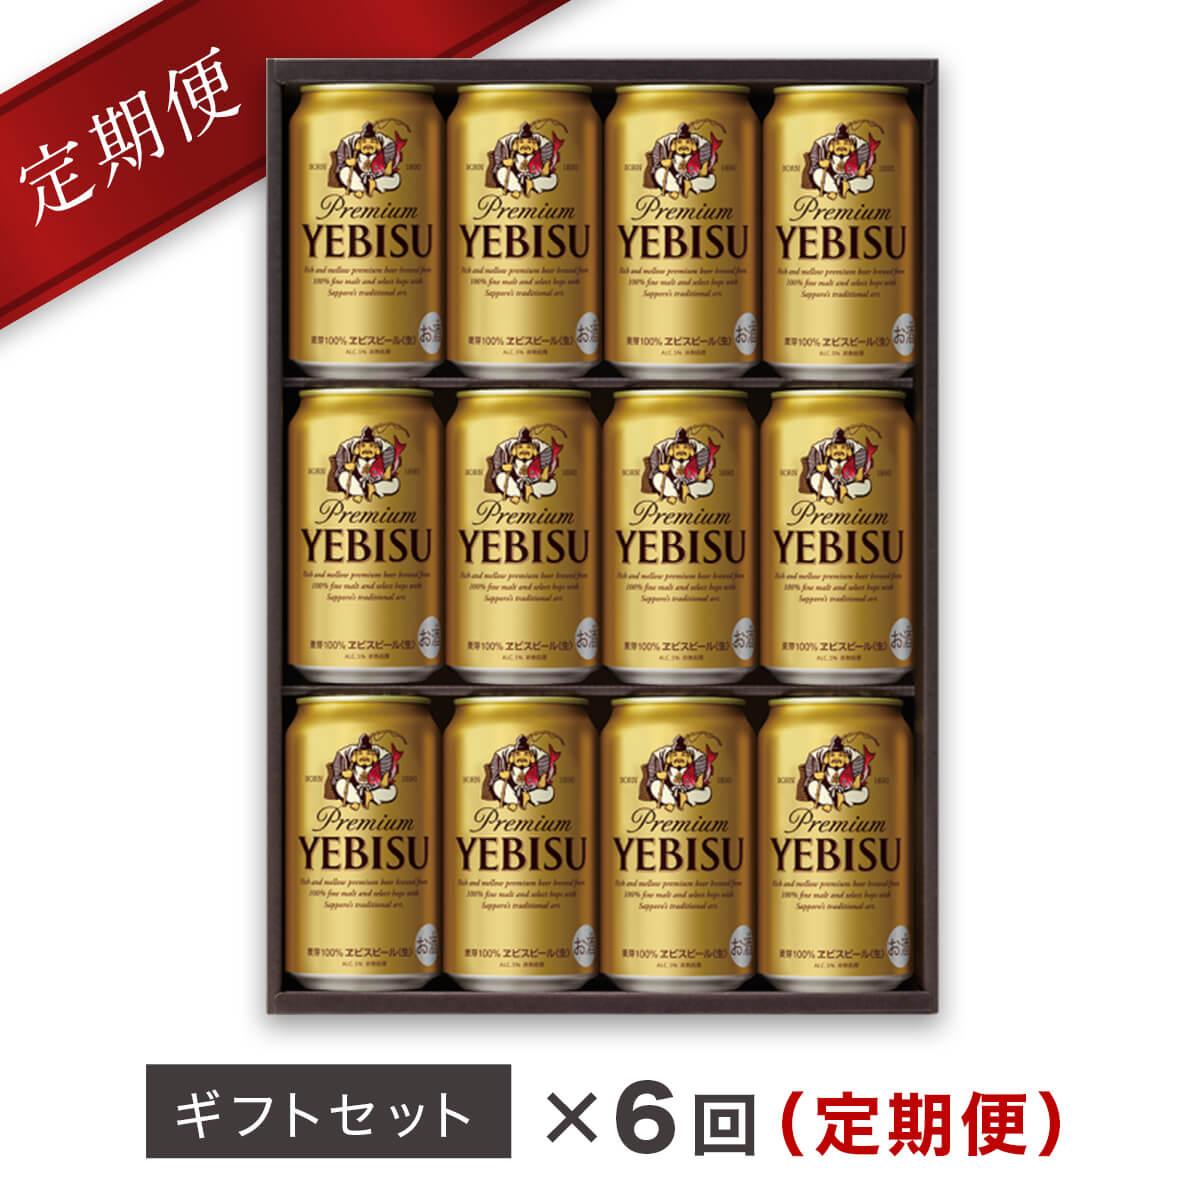 【ふるさと納税】地元名取生産ヱビスビール 350ml×12本セット 定期便6回